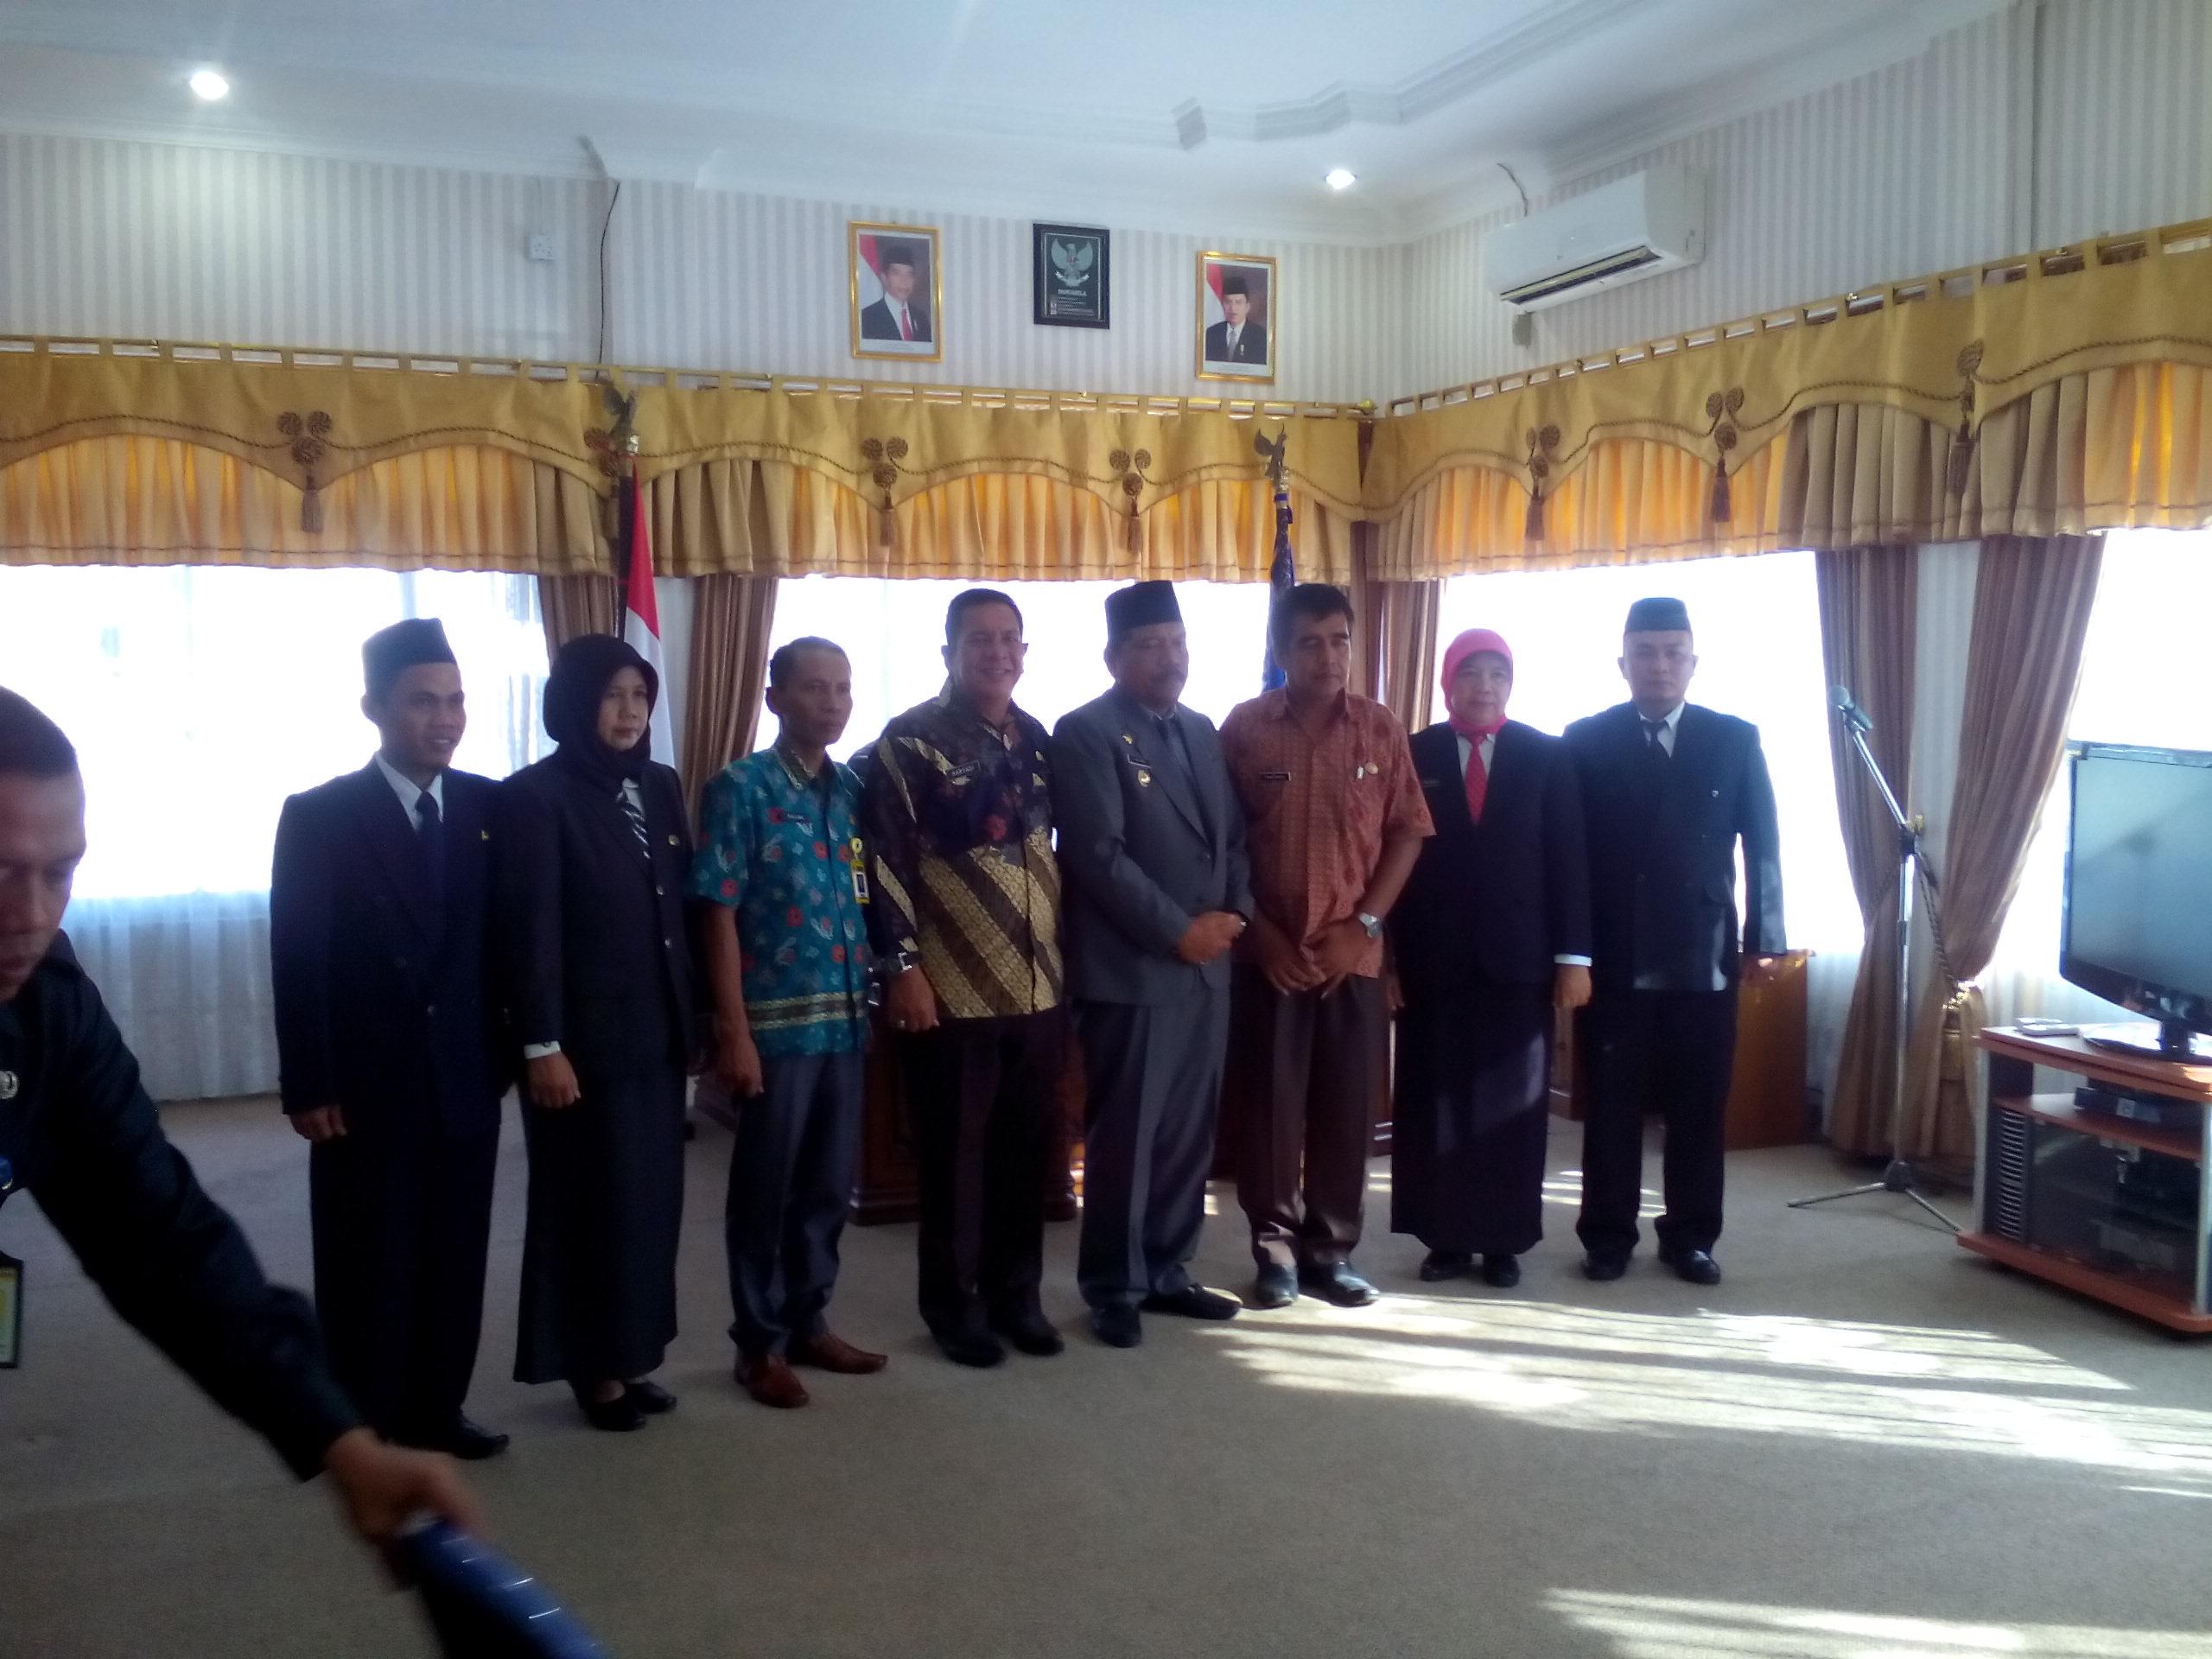 Bupati Bengkulu Utara Melantik 8 Pejabat di Lingkungan Dinas Kependudukan dan Catatan Sipil